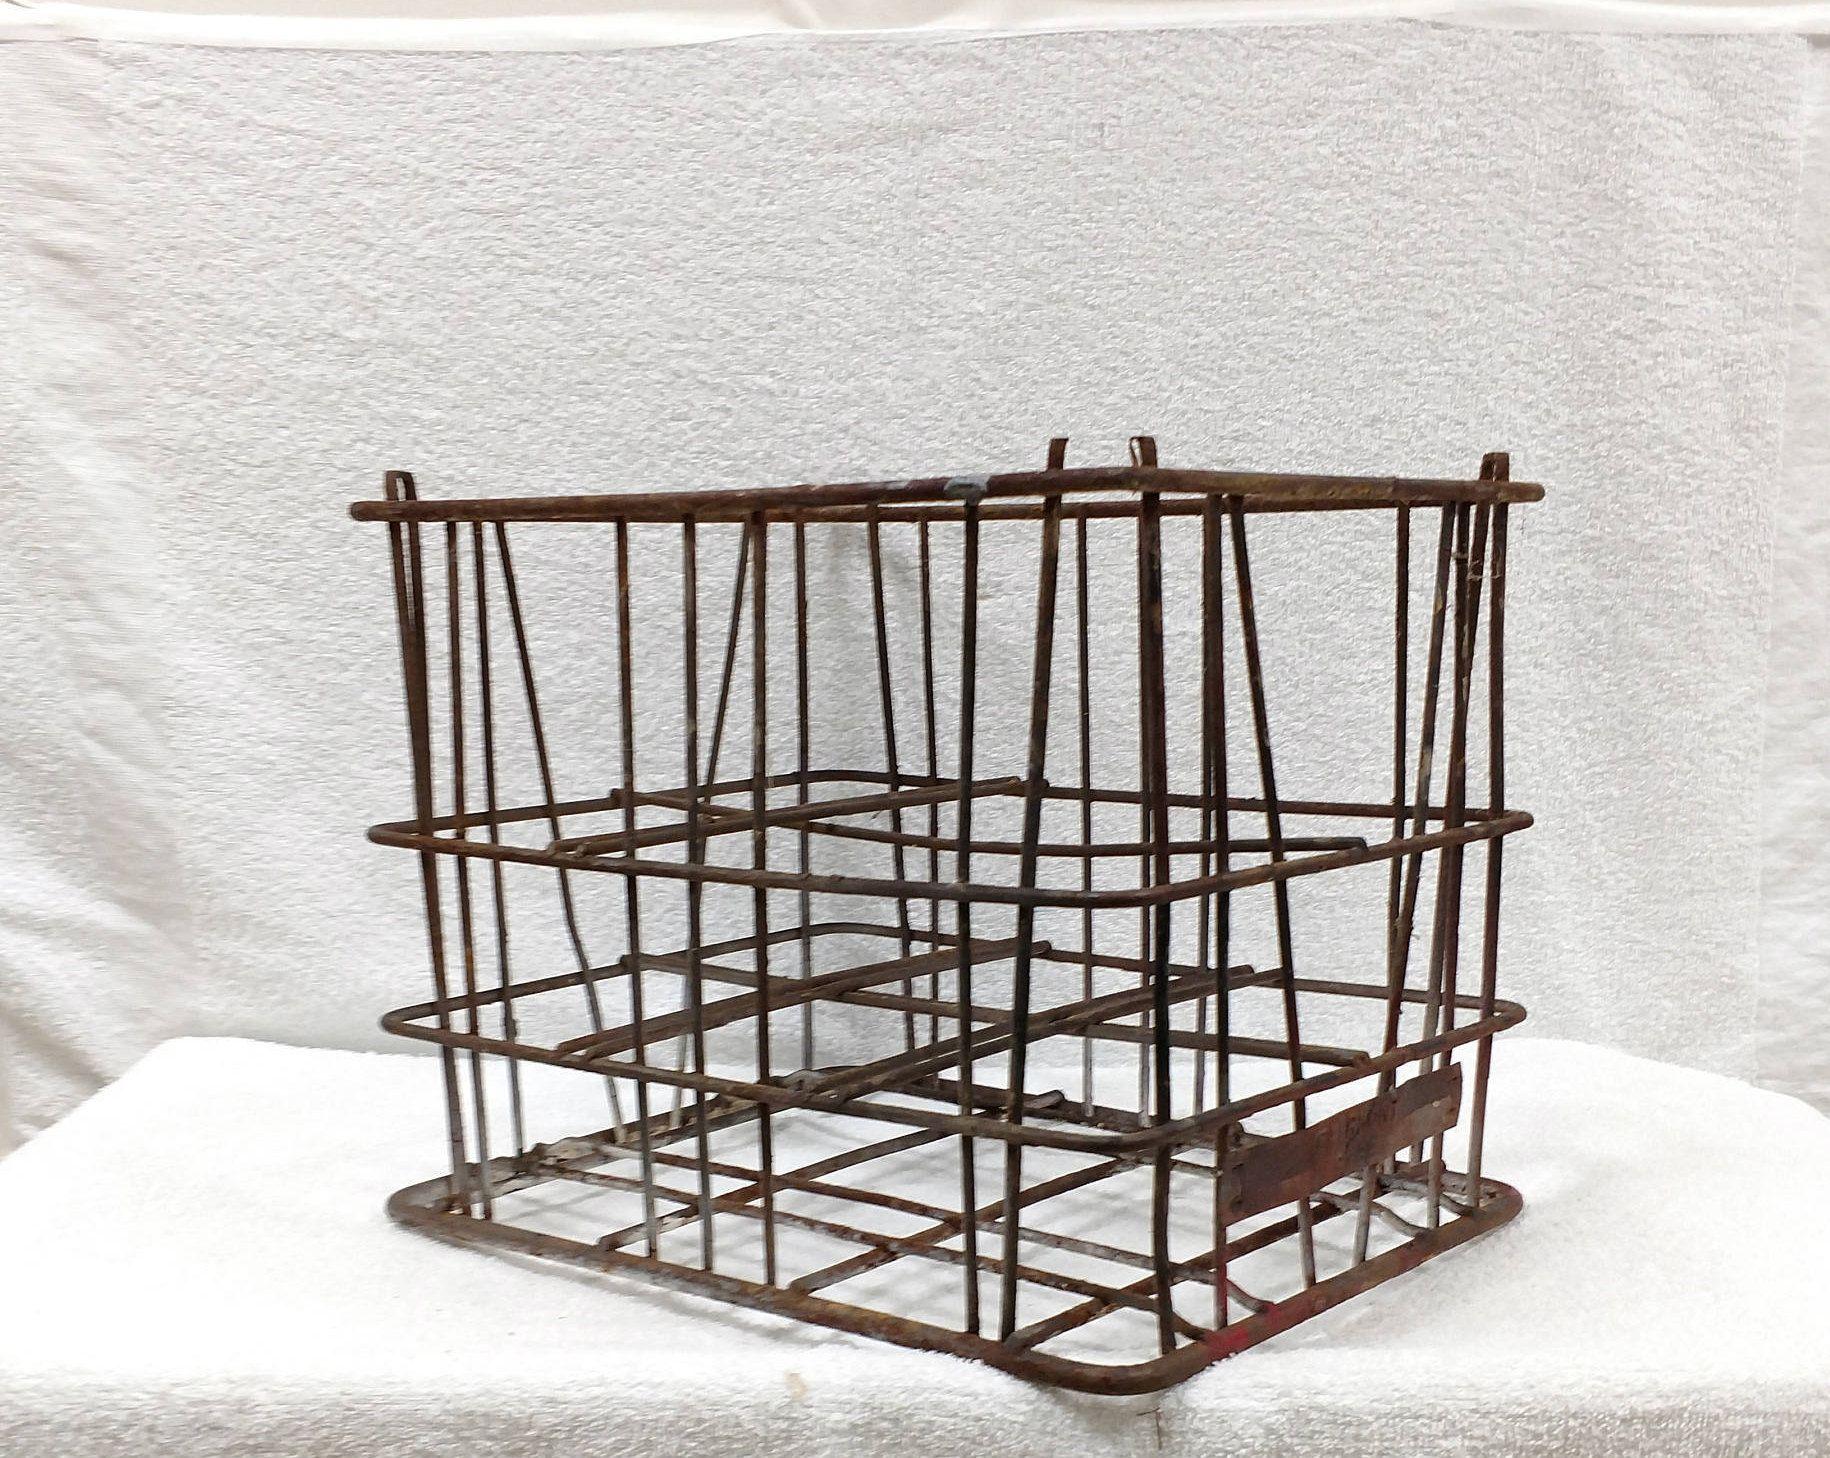 Antique Milk Crate, Wire Basket, Steel Crate, Industrial Metal Bin ...